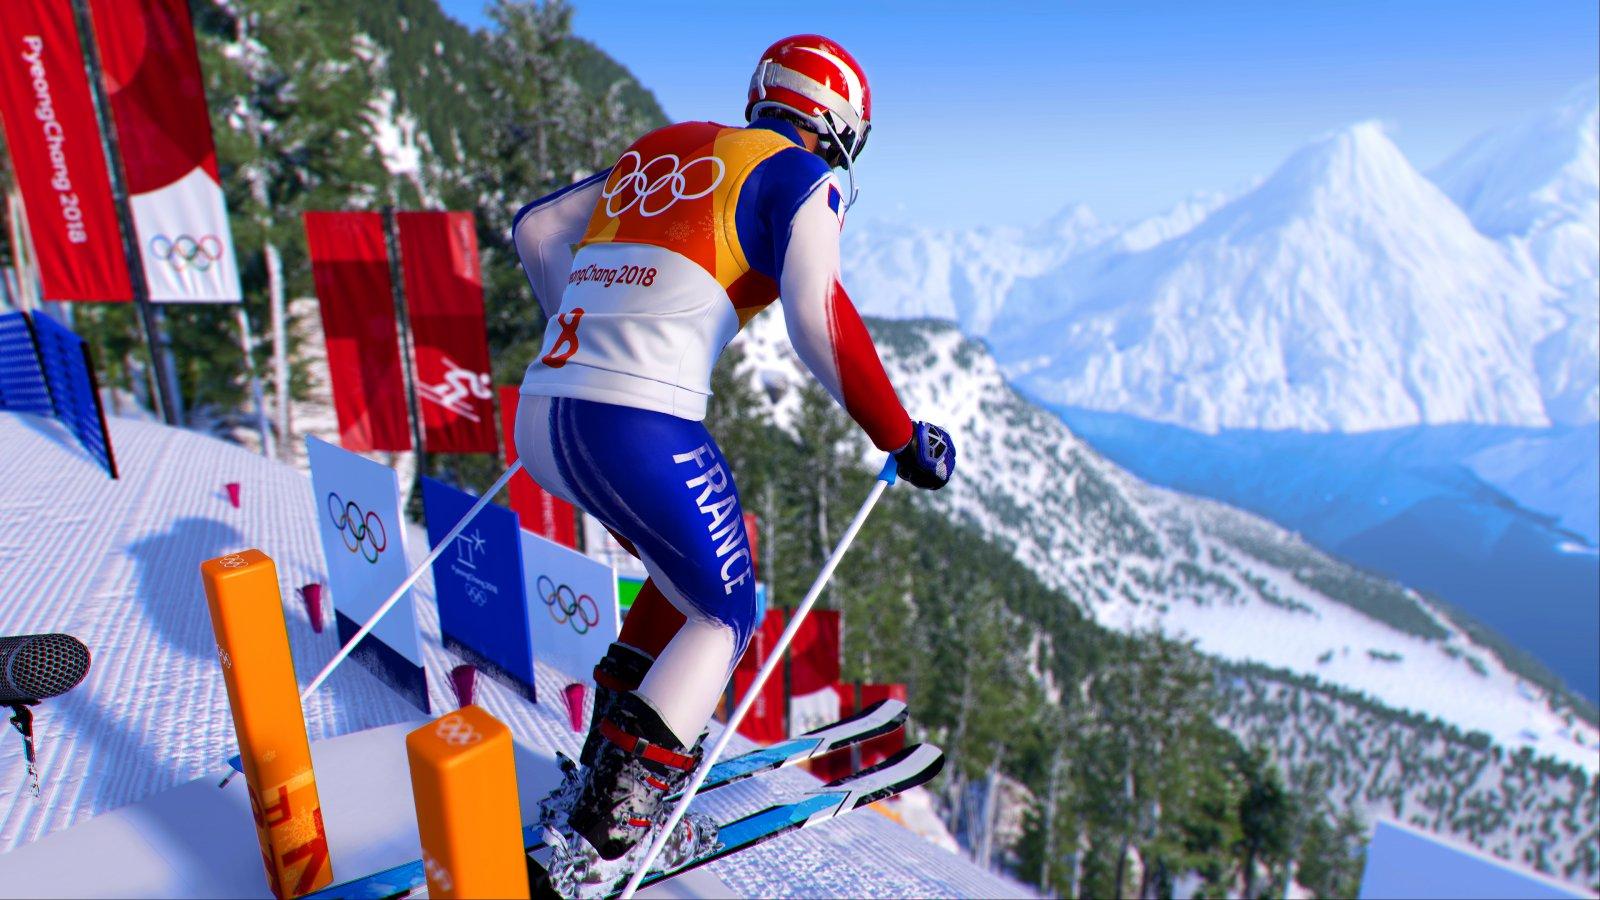 Jeux Olympiques d'hiver 2018